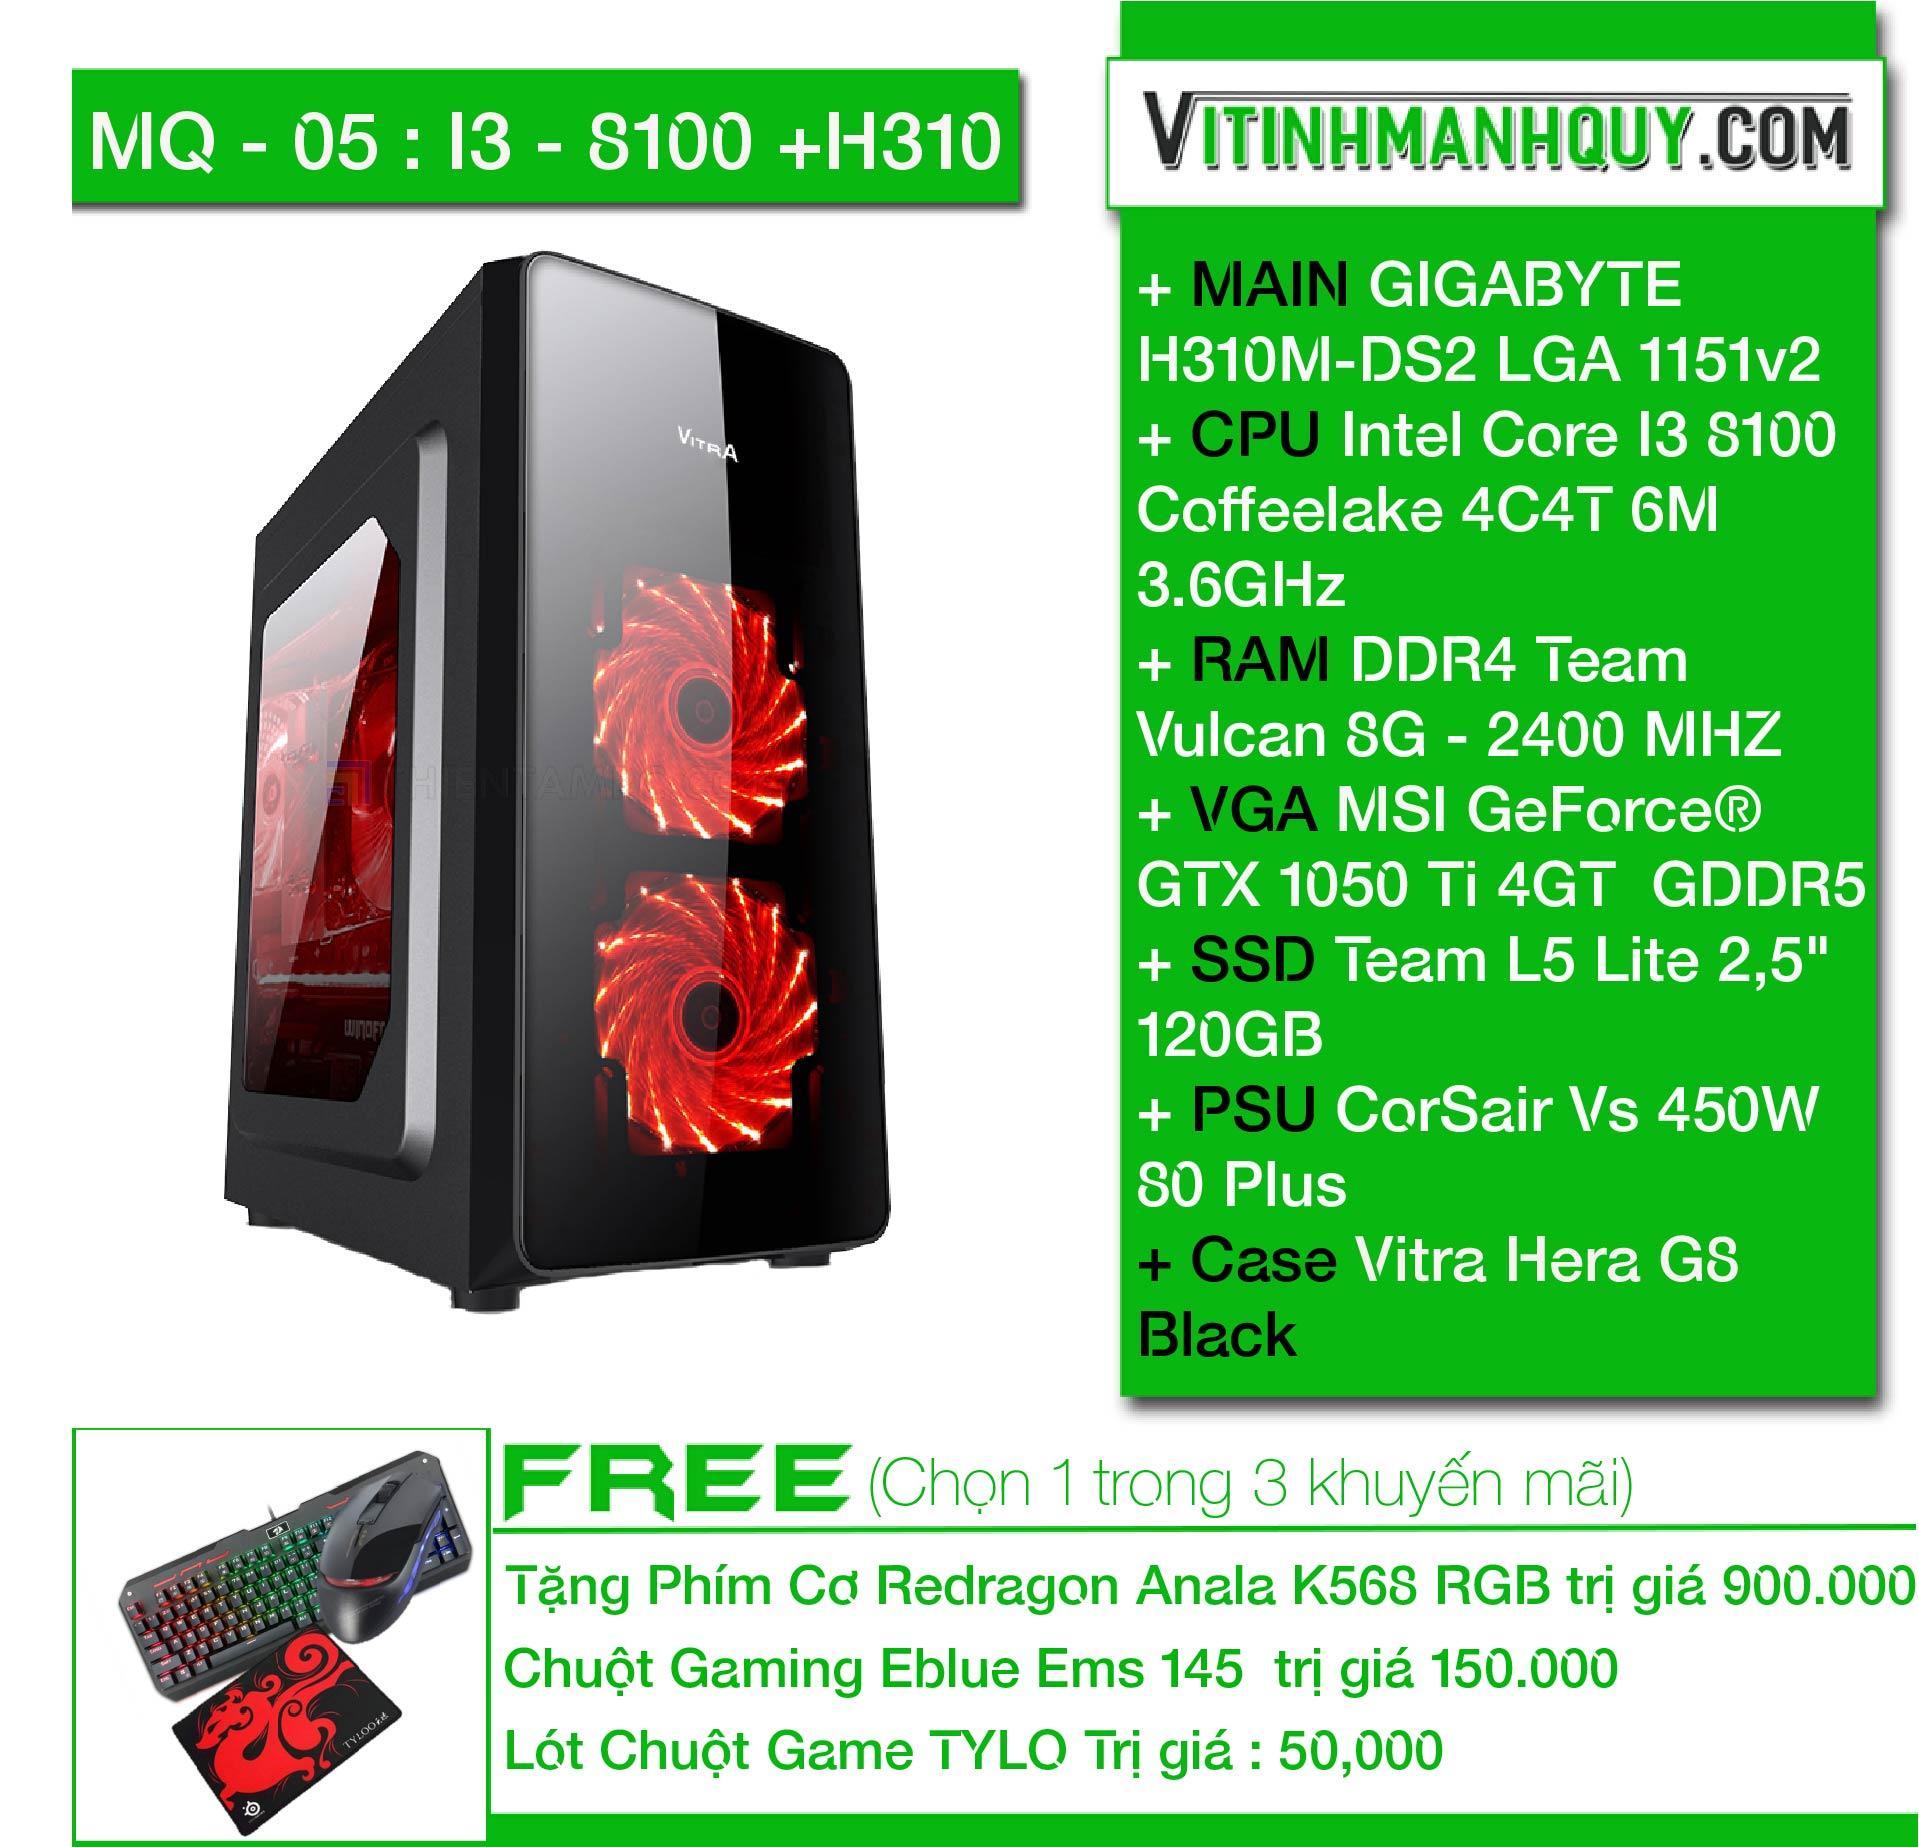 Hình ảnh MQ05I38100H310 - may bo HI END chuyen game - CaseVitra Hera G8 Black - Intel Core I3 8100 Coffeelake 4C4T 6M 3.6GHz - DDR4 Team Vulcan 8G - 2400 MHZ - SSD Team L5 Lite 2,5